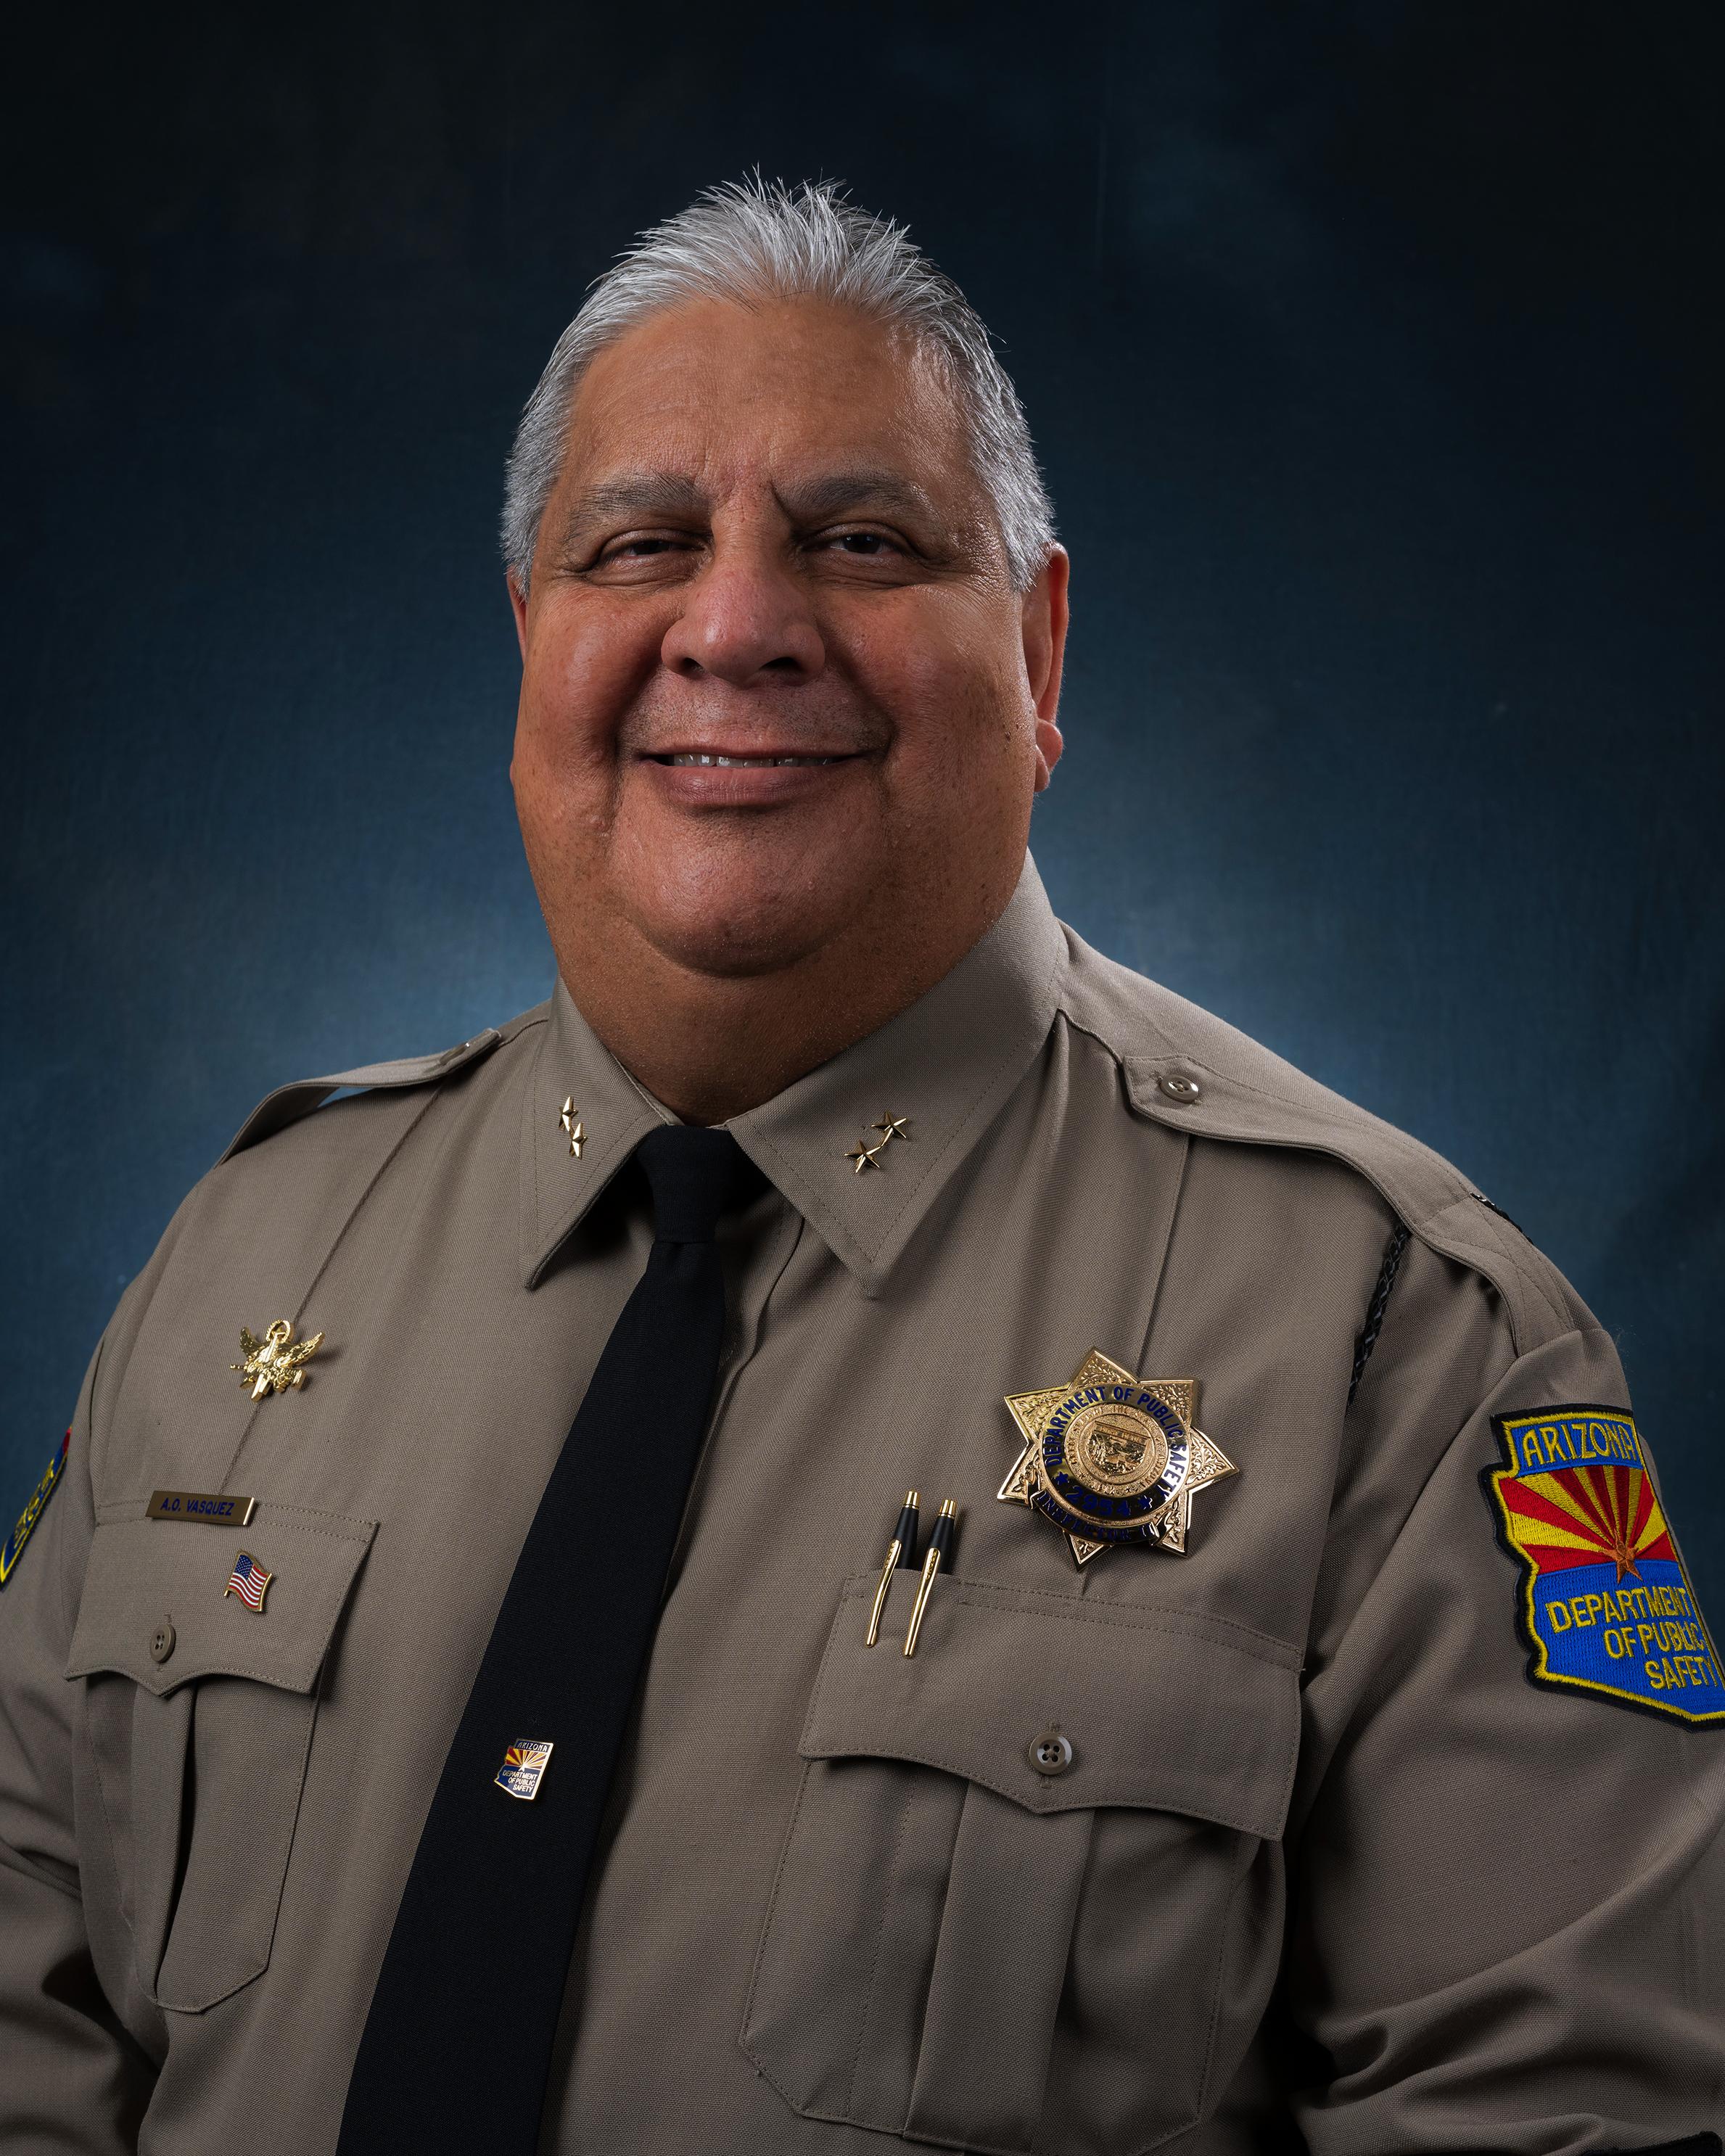 Inspector Vasquez